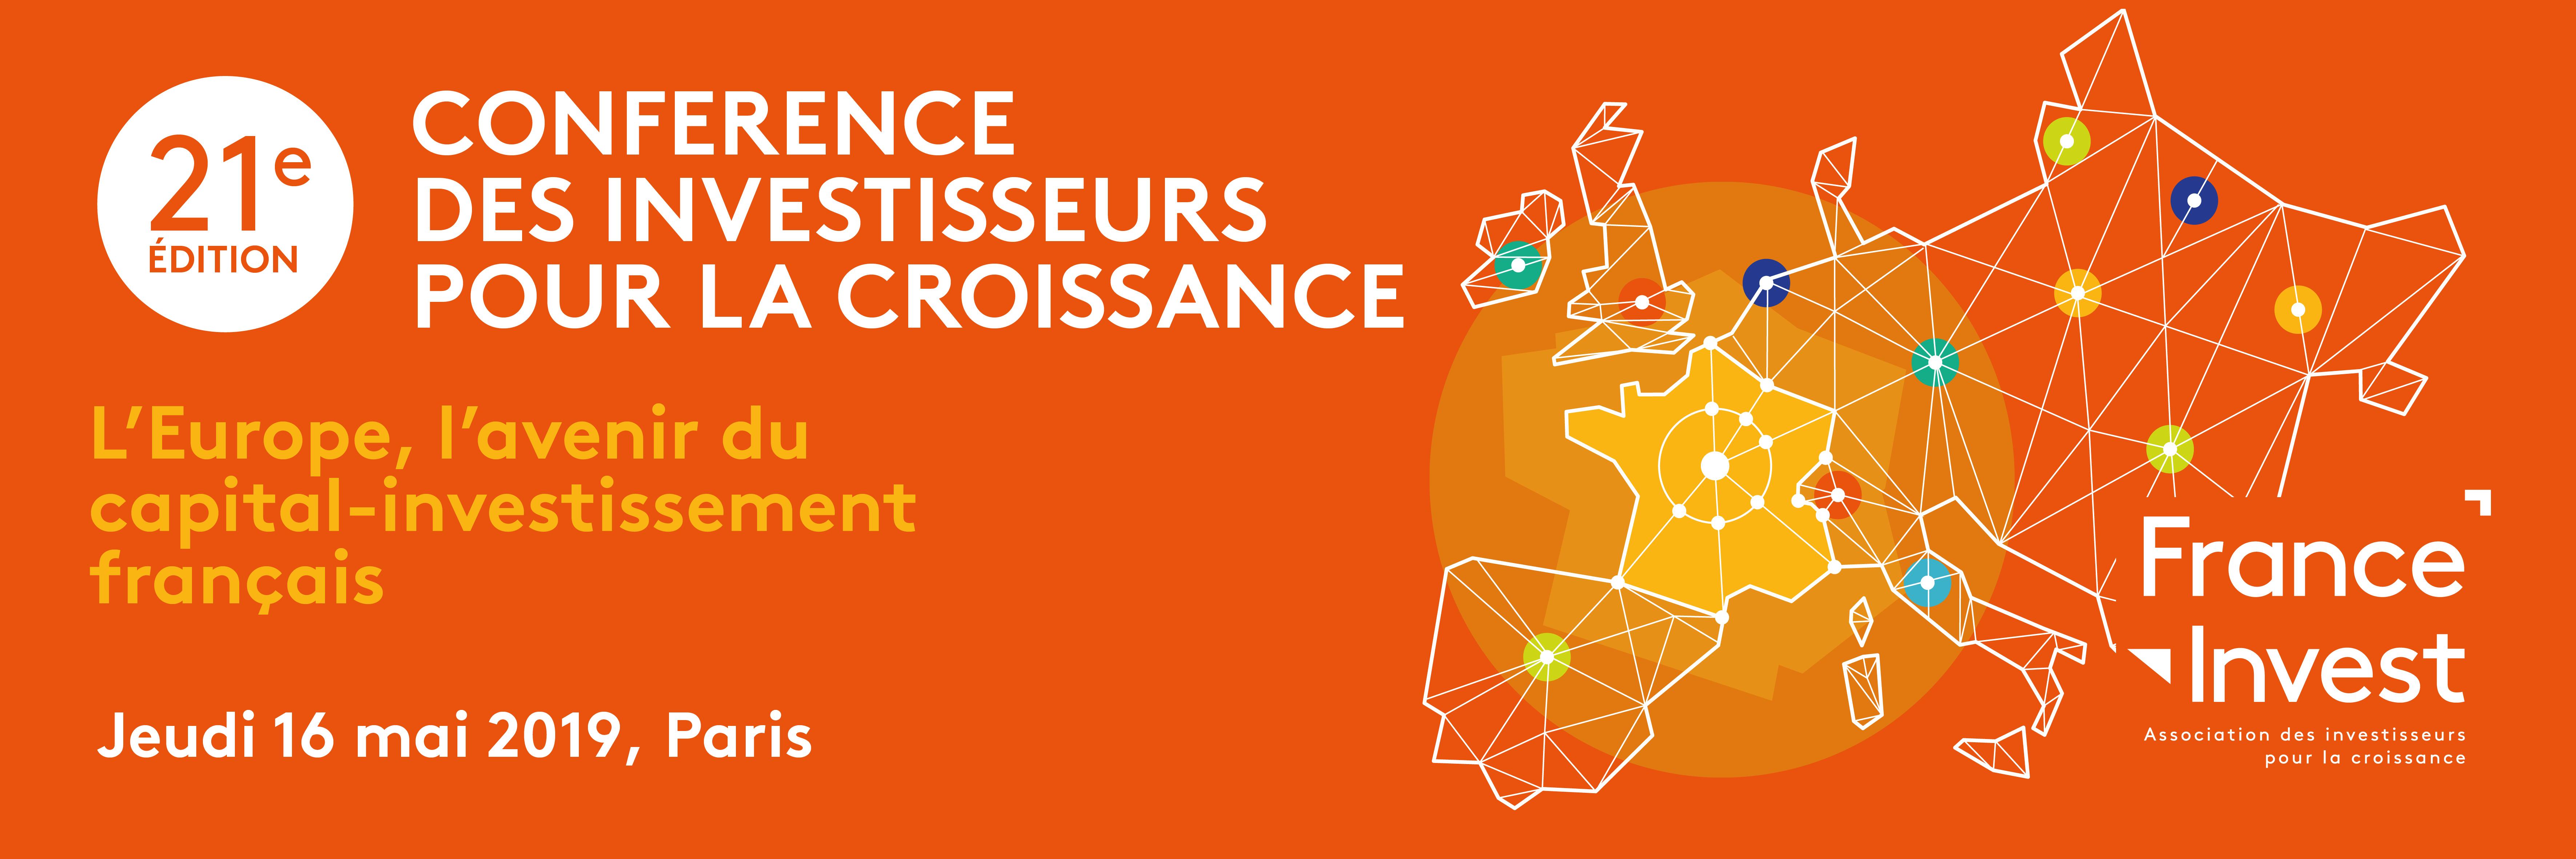 Bandeaux_FranceInvest1700v2(4)